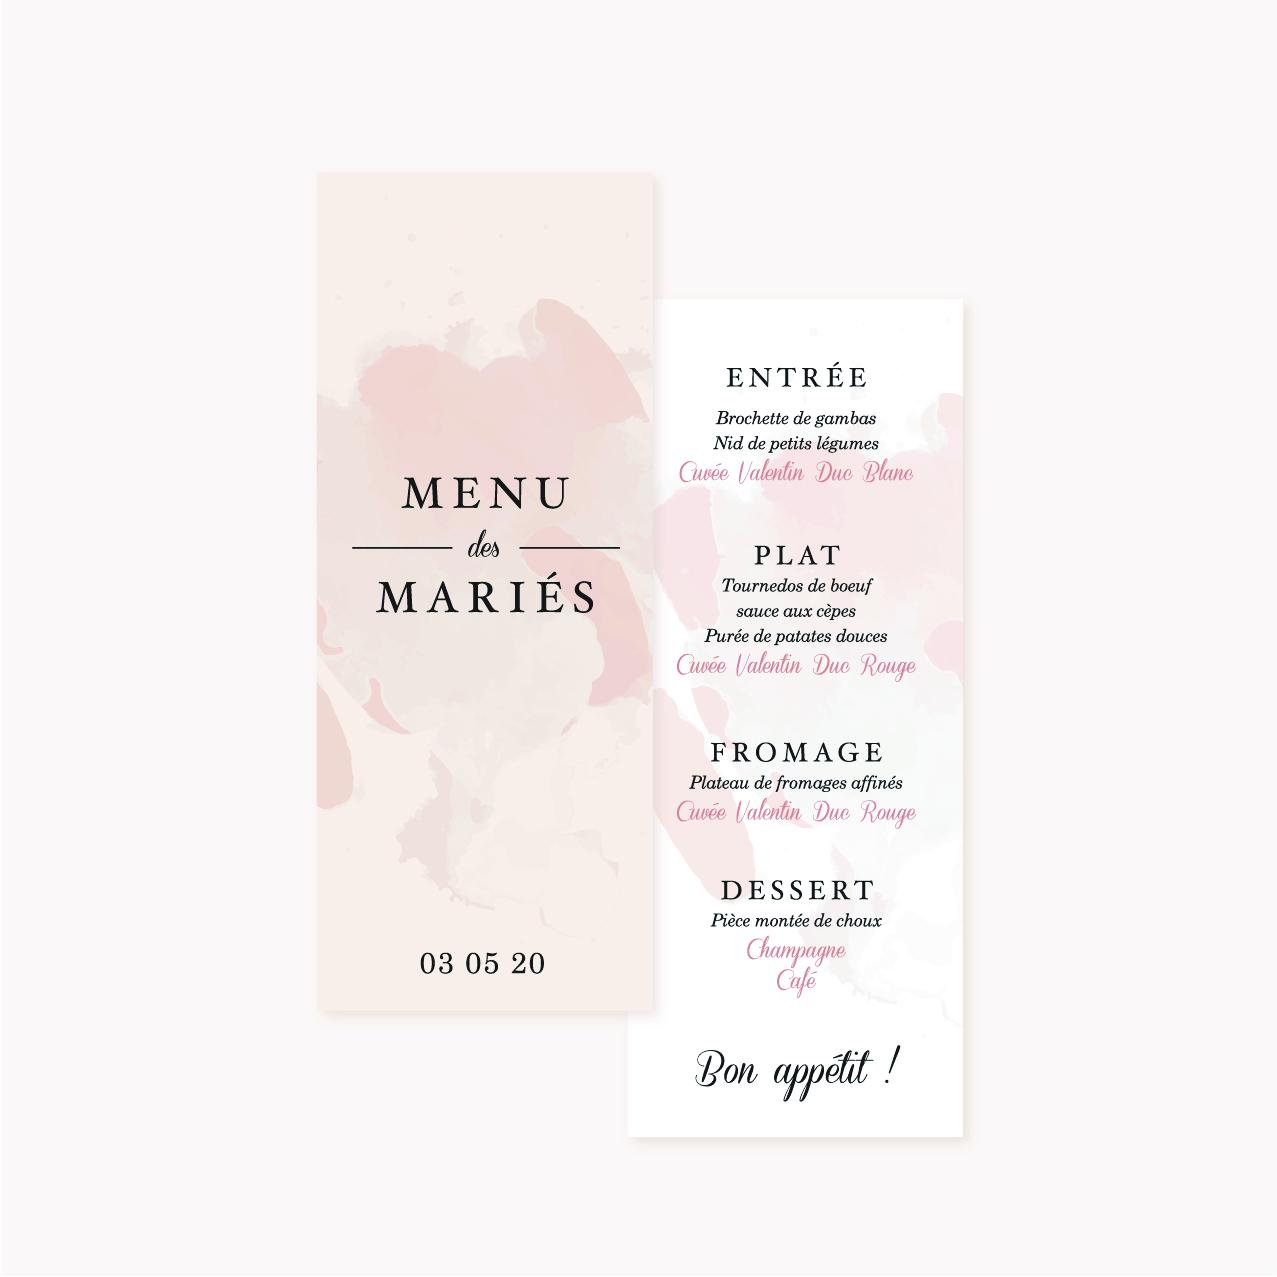 Menu individuel invités mariage blush couleurs rose, rose poudré, rose clair, blanc, thèmes doux, romantique